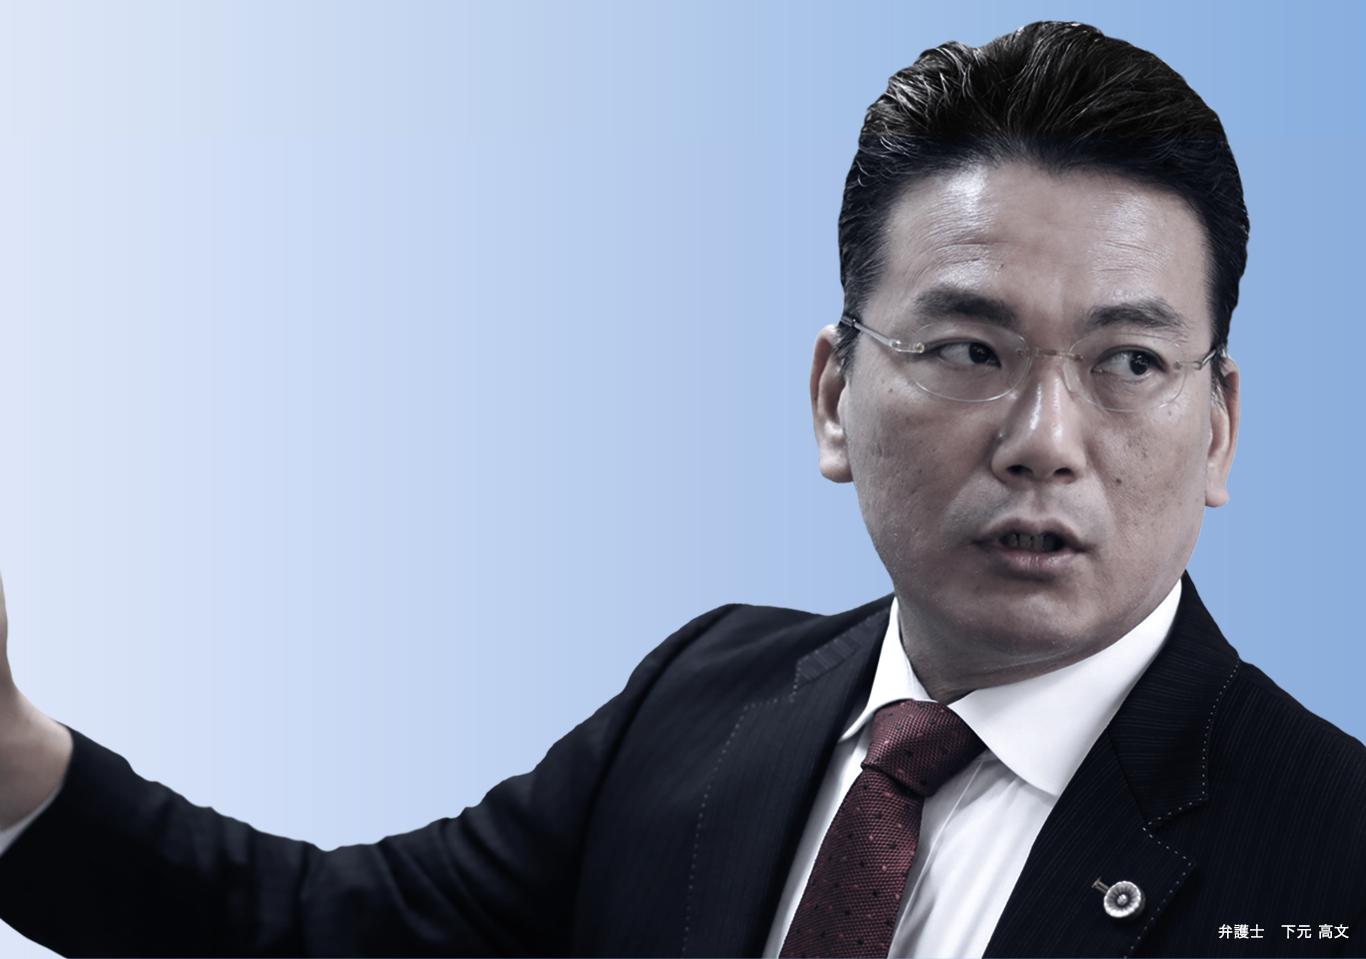 法人破産(倒産)・リスケジュール・企業再生に強い大阪の弁護士法人ニューステージ 弁護士 下元高文